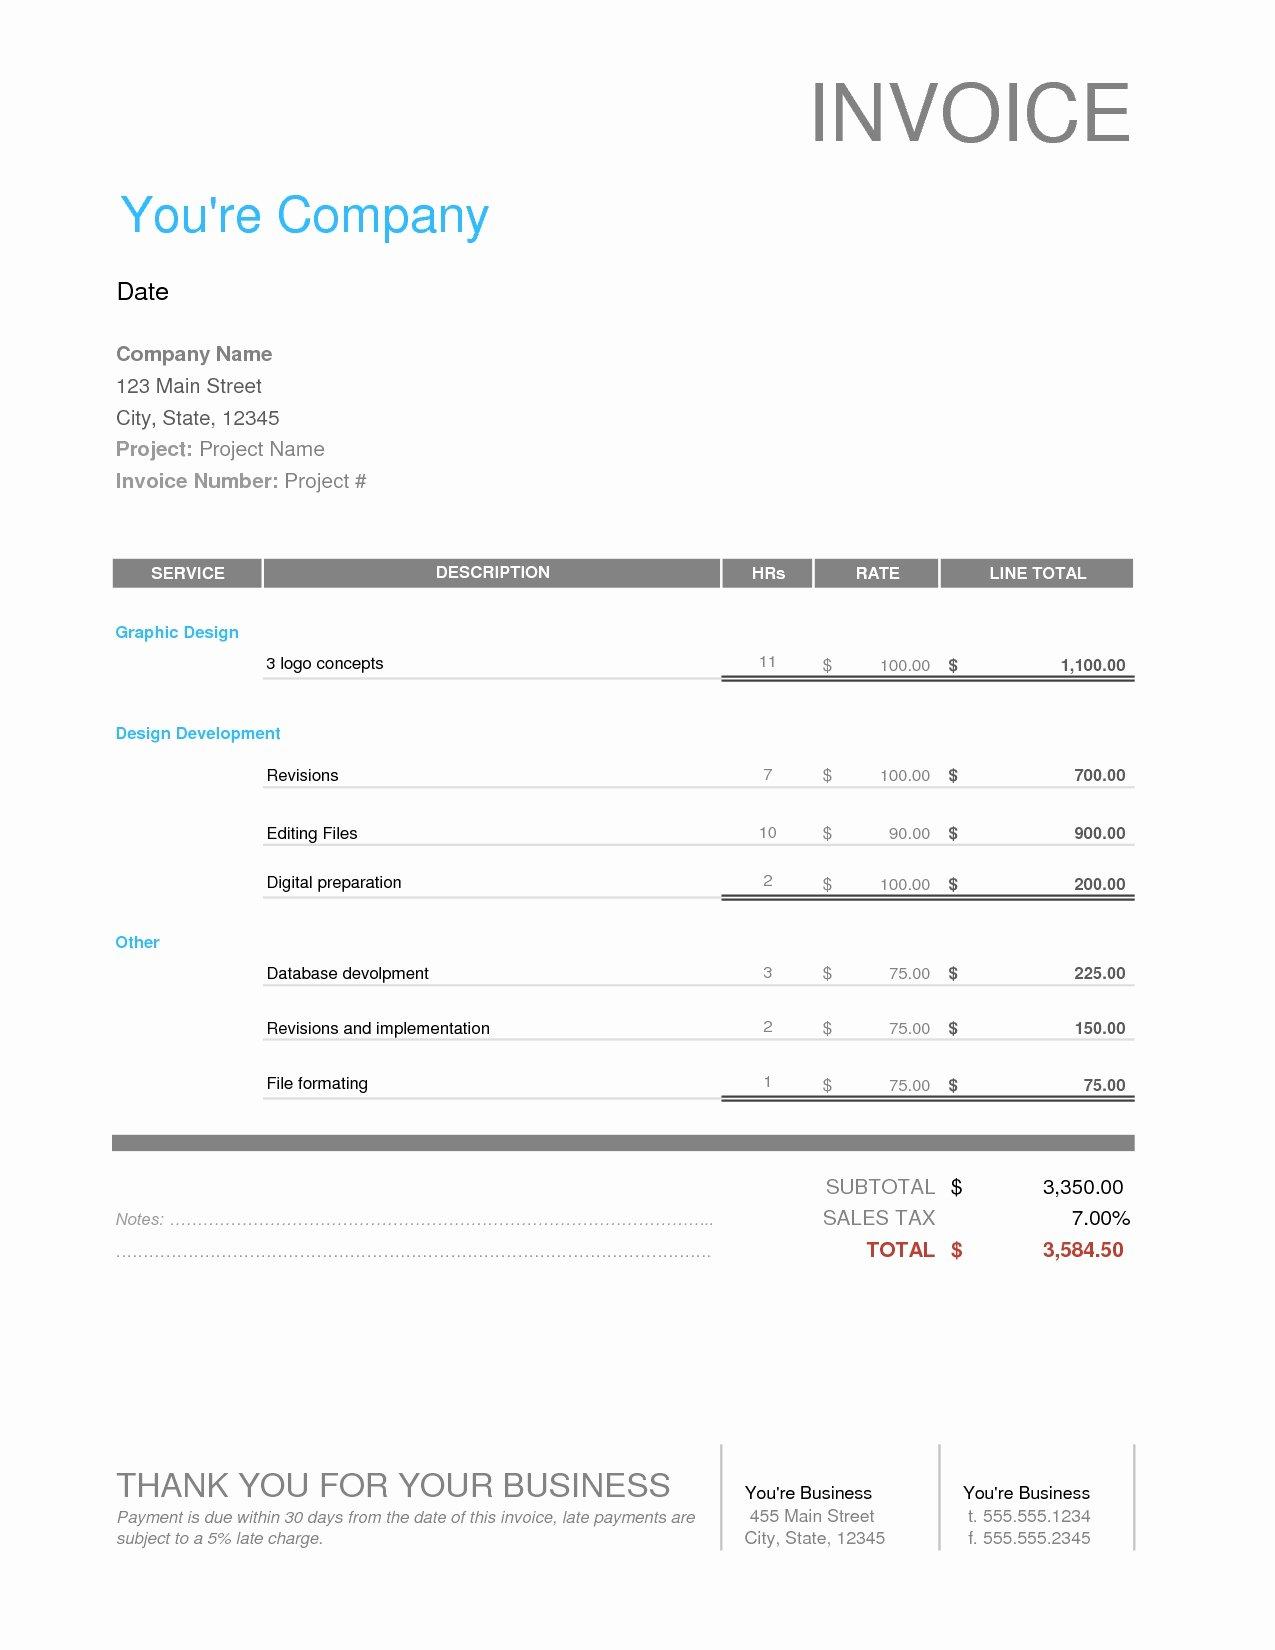 Website Design Invoice Template Elegant Web Design Invoice Sample Invoice Template Ideas